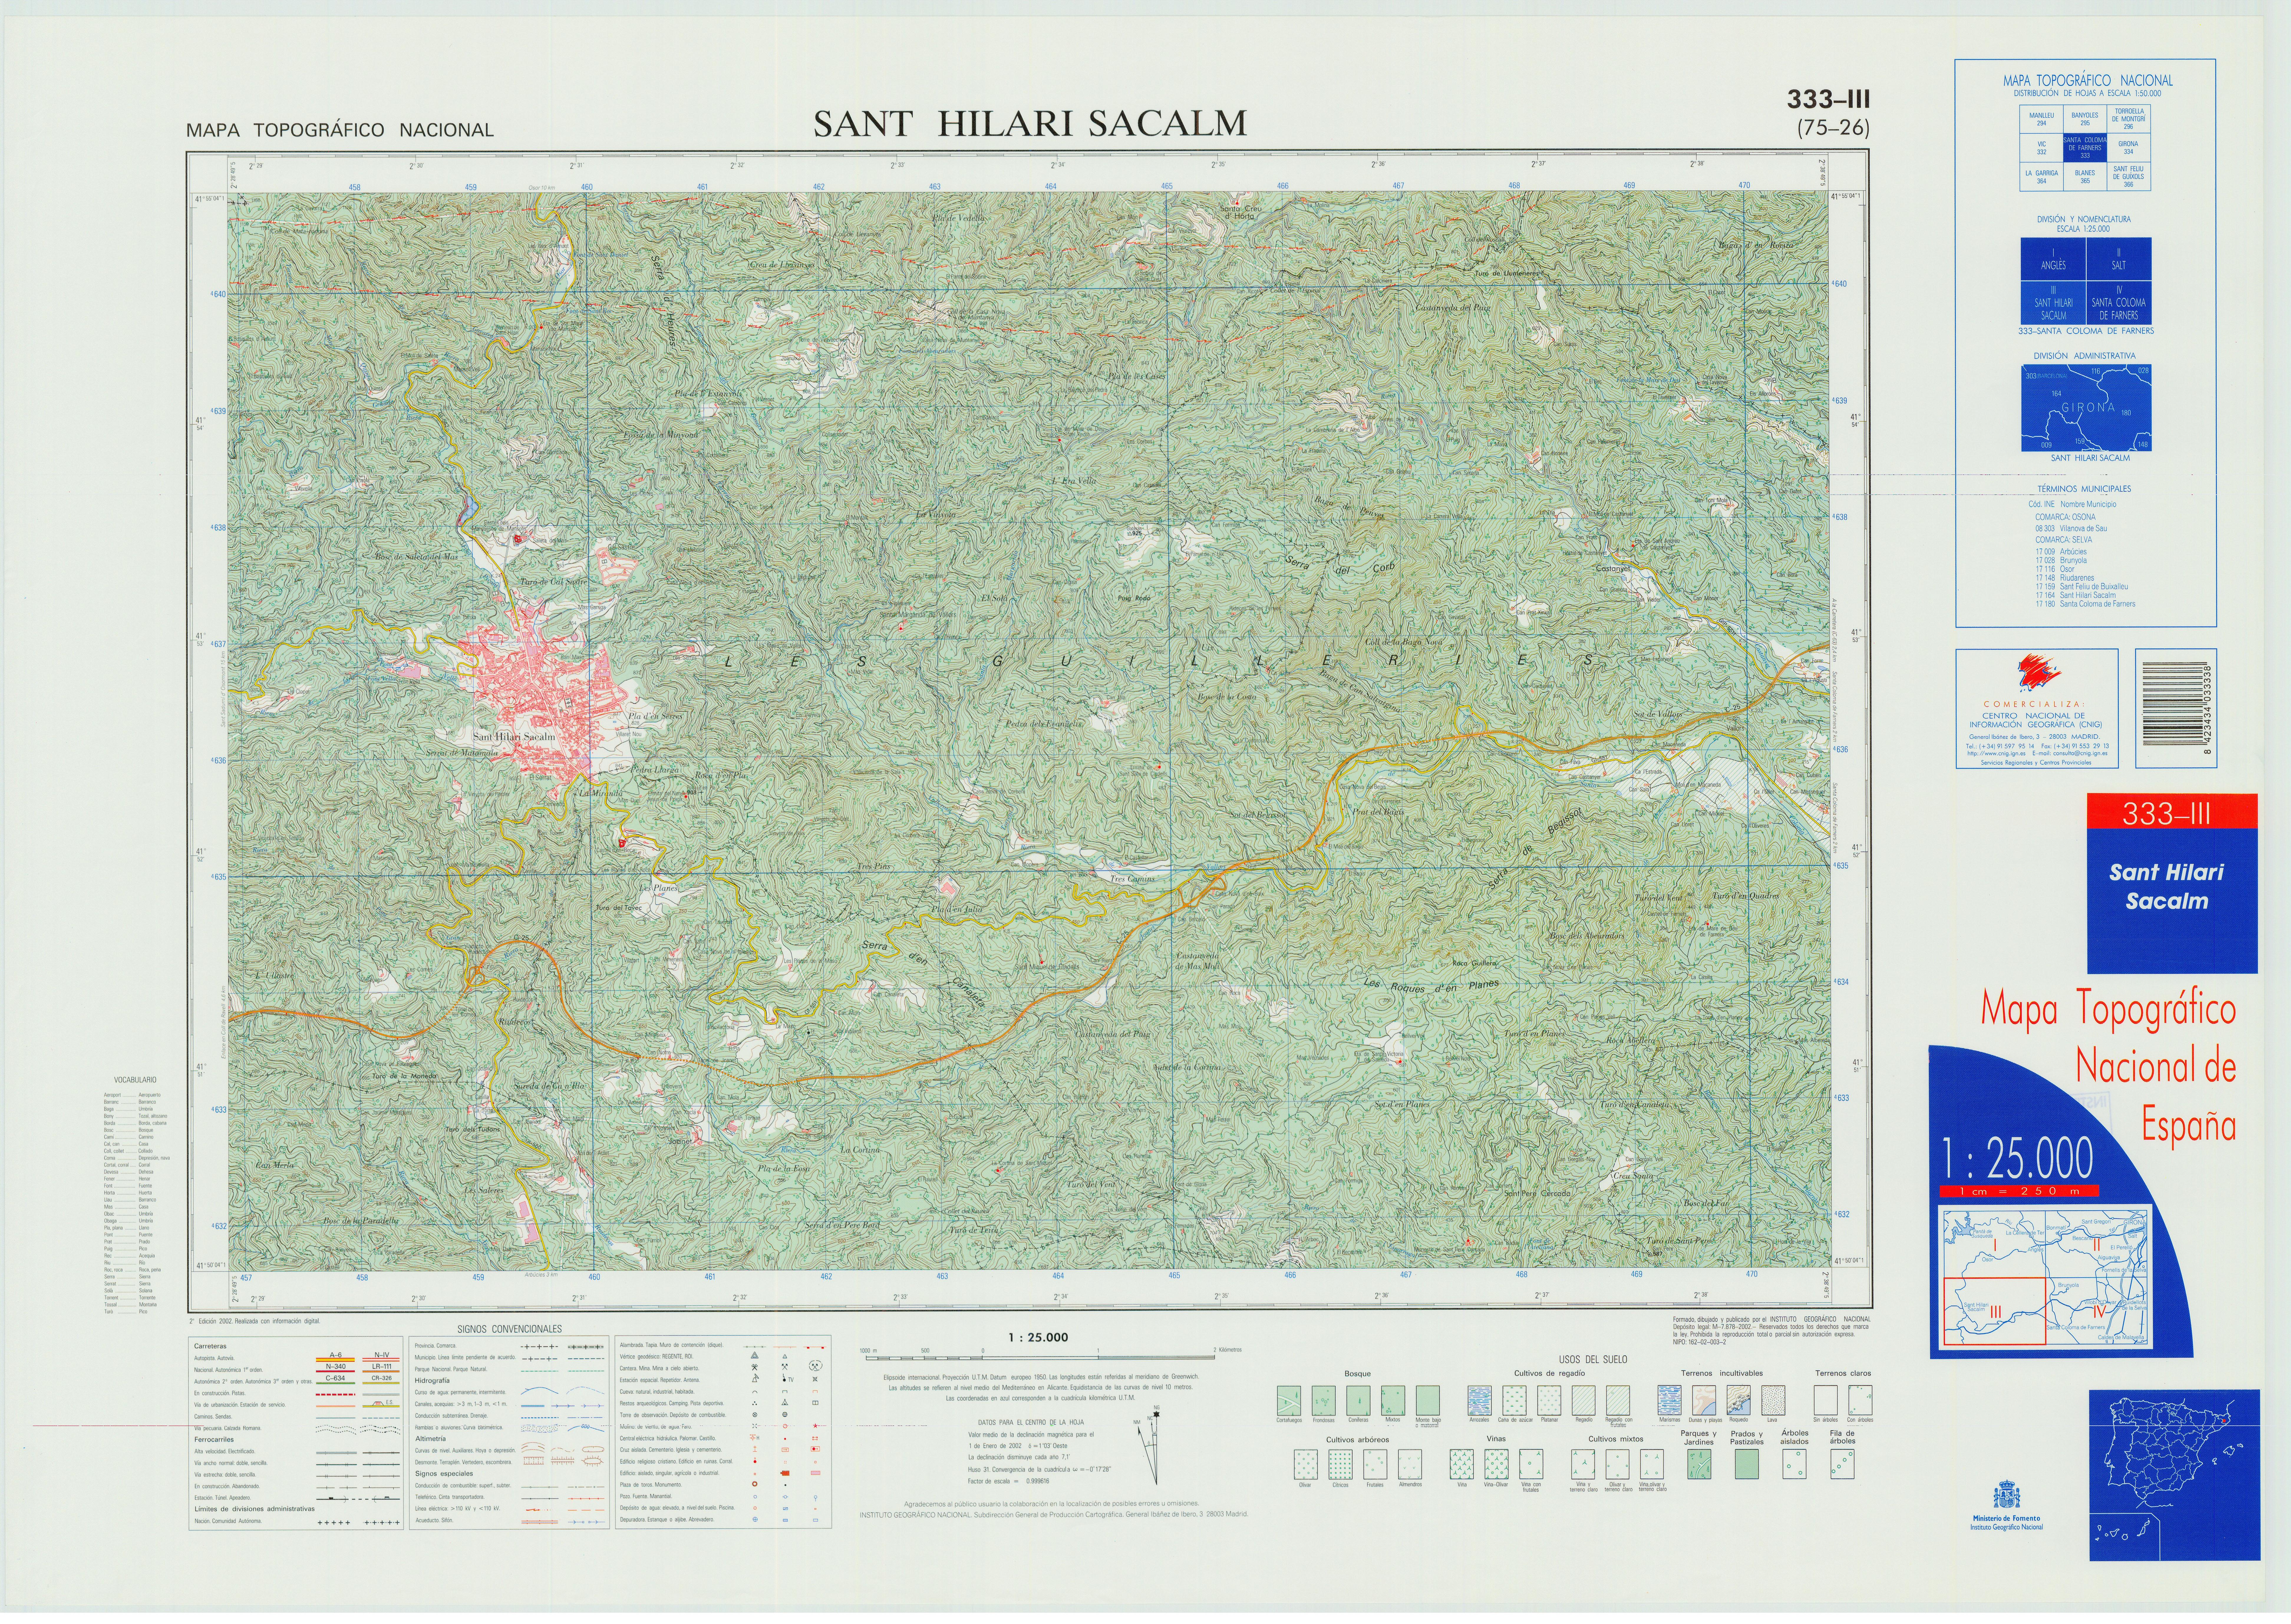 Sant Hilari Sacalm Mapa.File Mtn25 0333c3 2002 Sant Hilari Sacalm Jpg Wikimedia